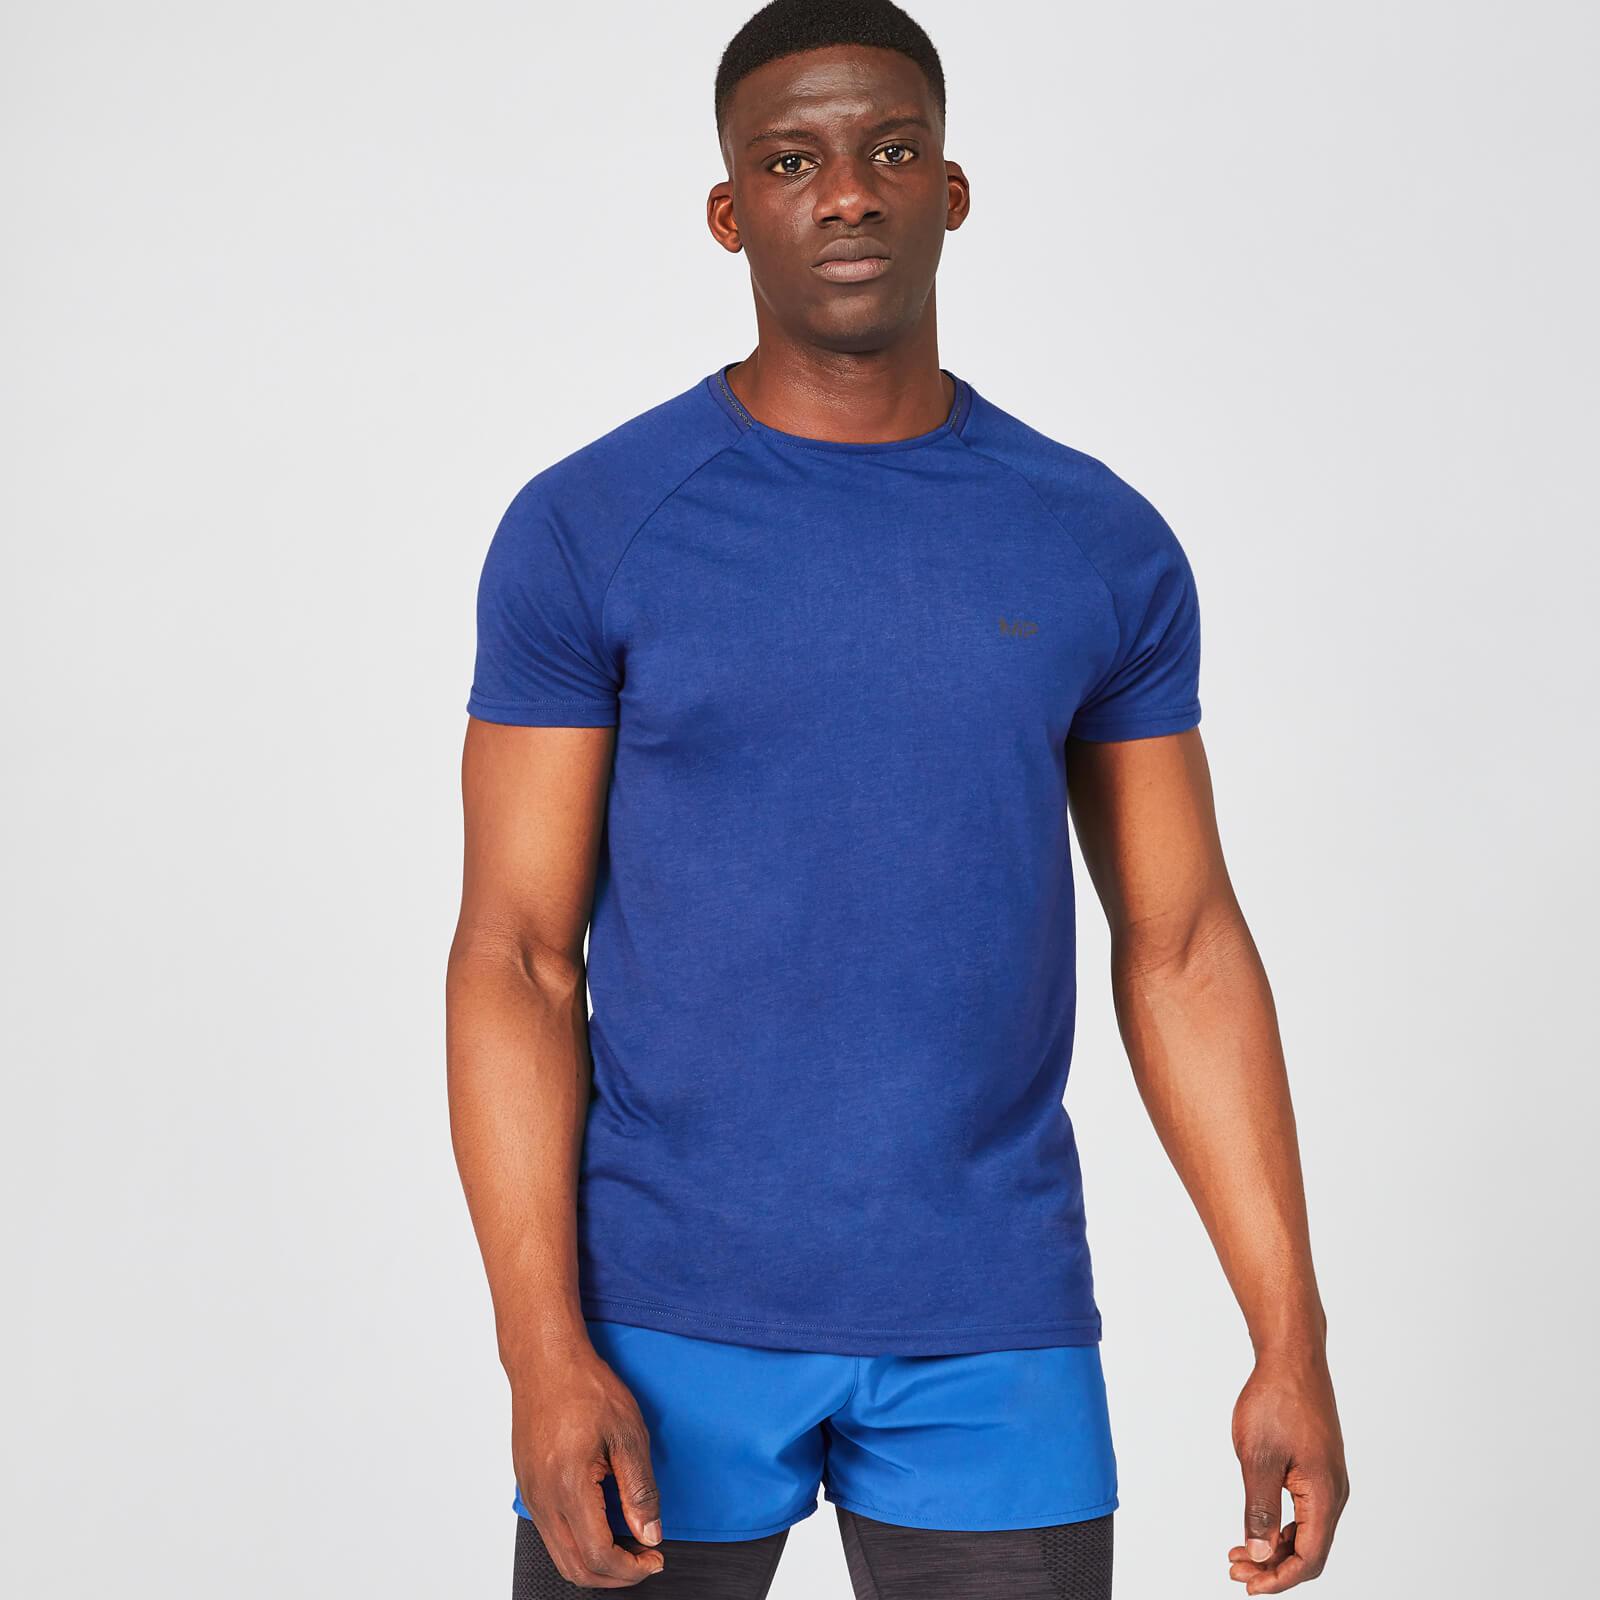 Myprotein Pace T-Shirt - Marine - S